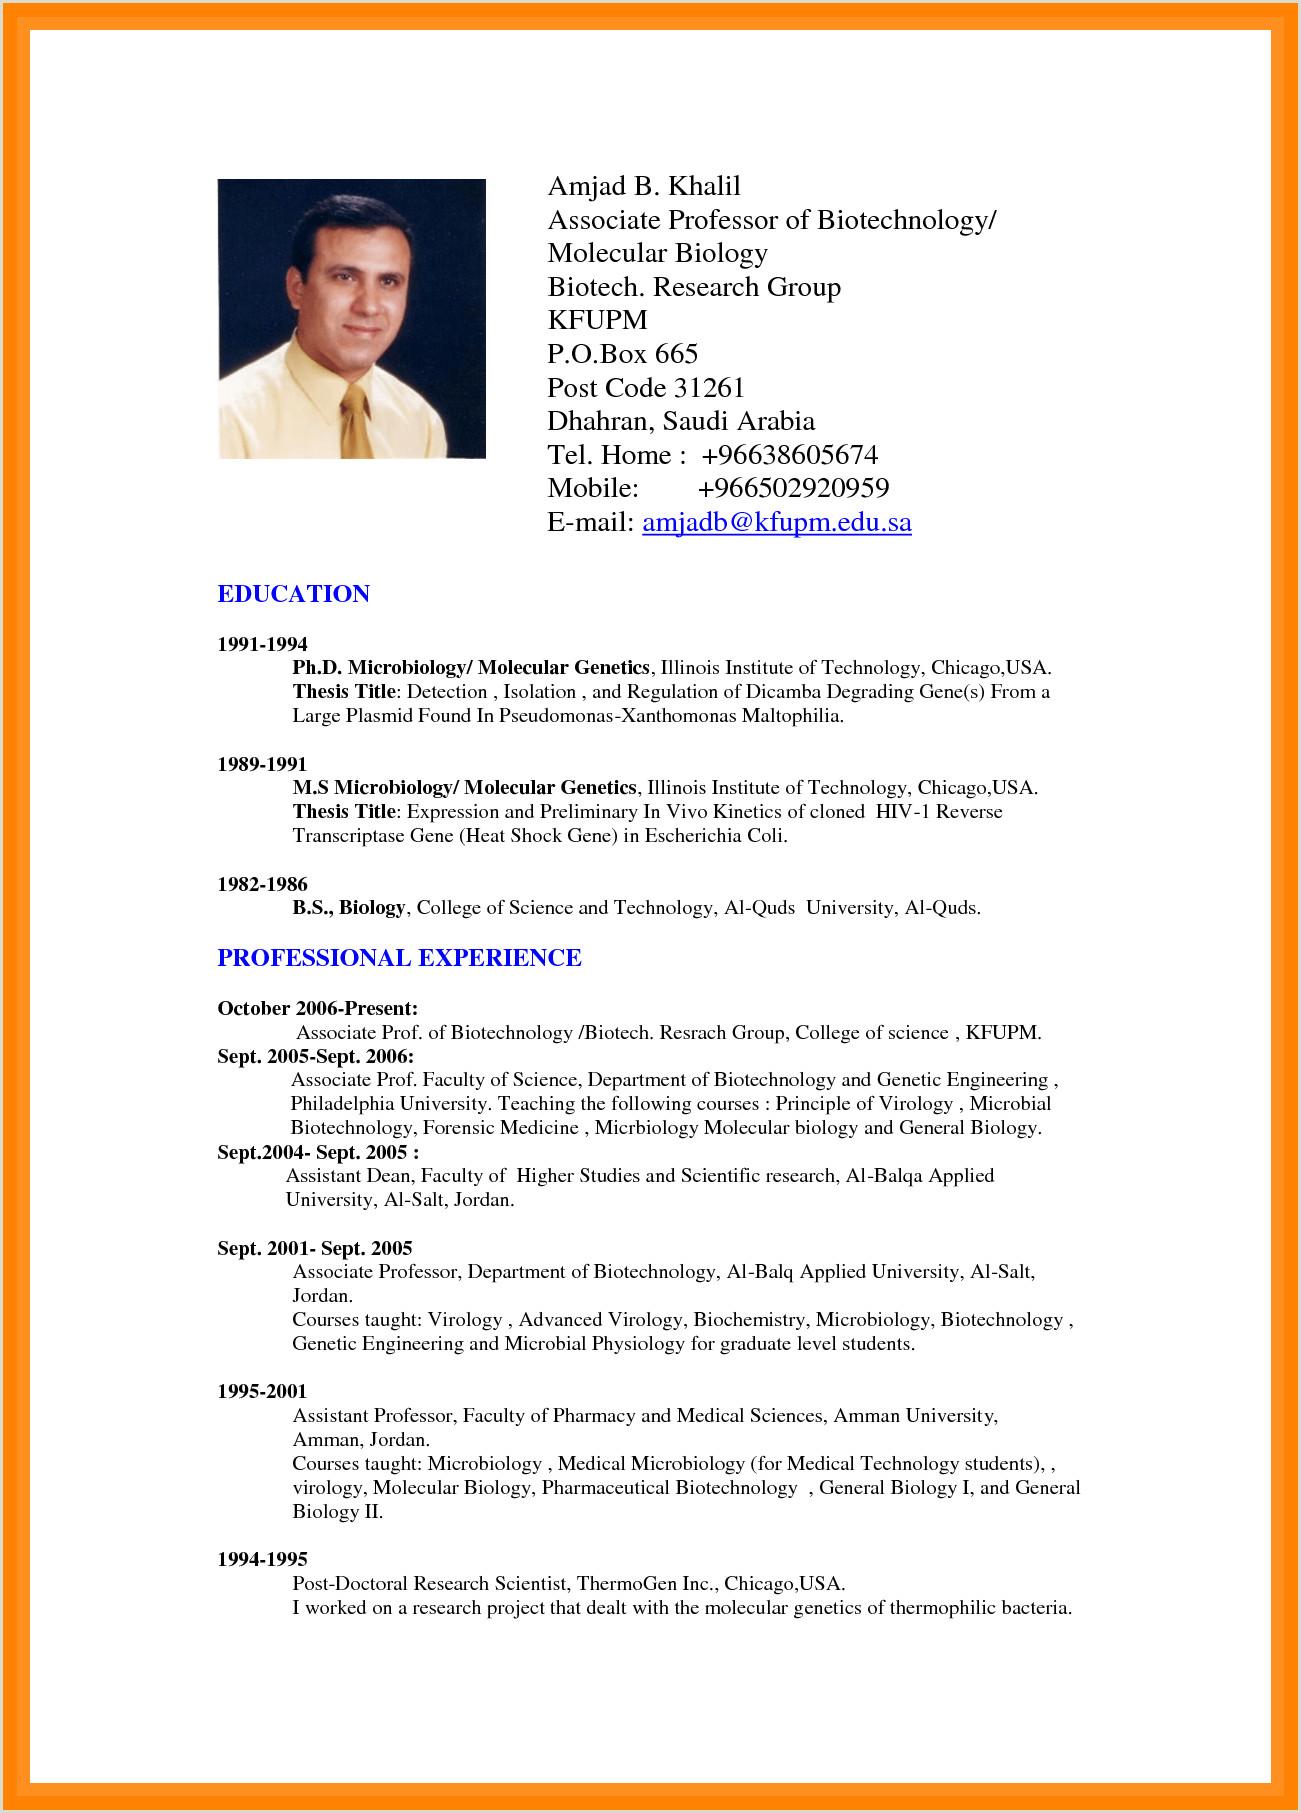 Professional Cv format Sample .doc Image Result for Cv Sample Doc Clip Art